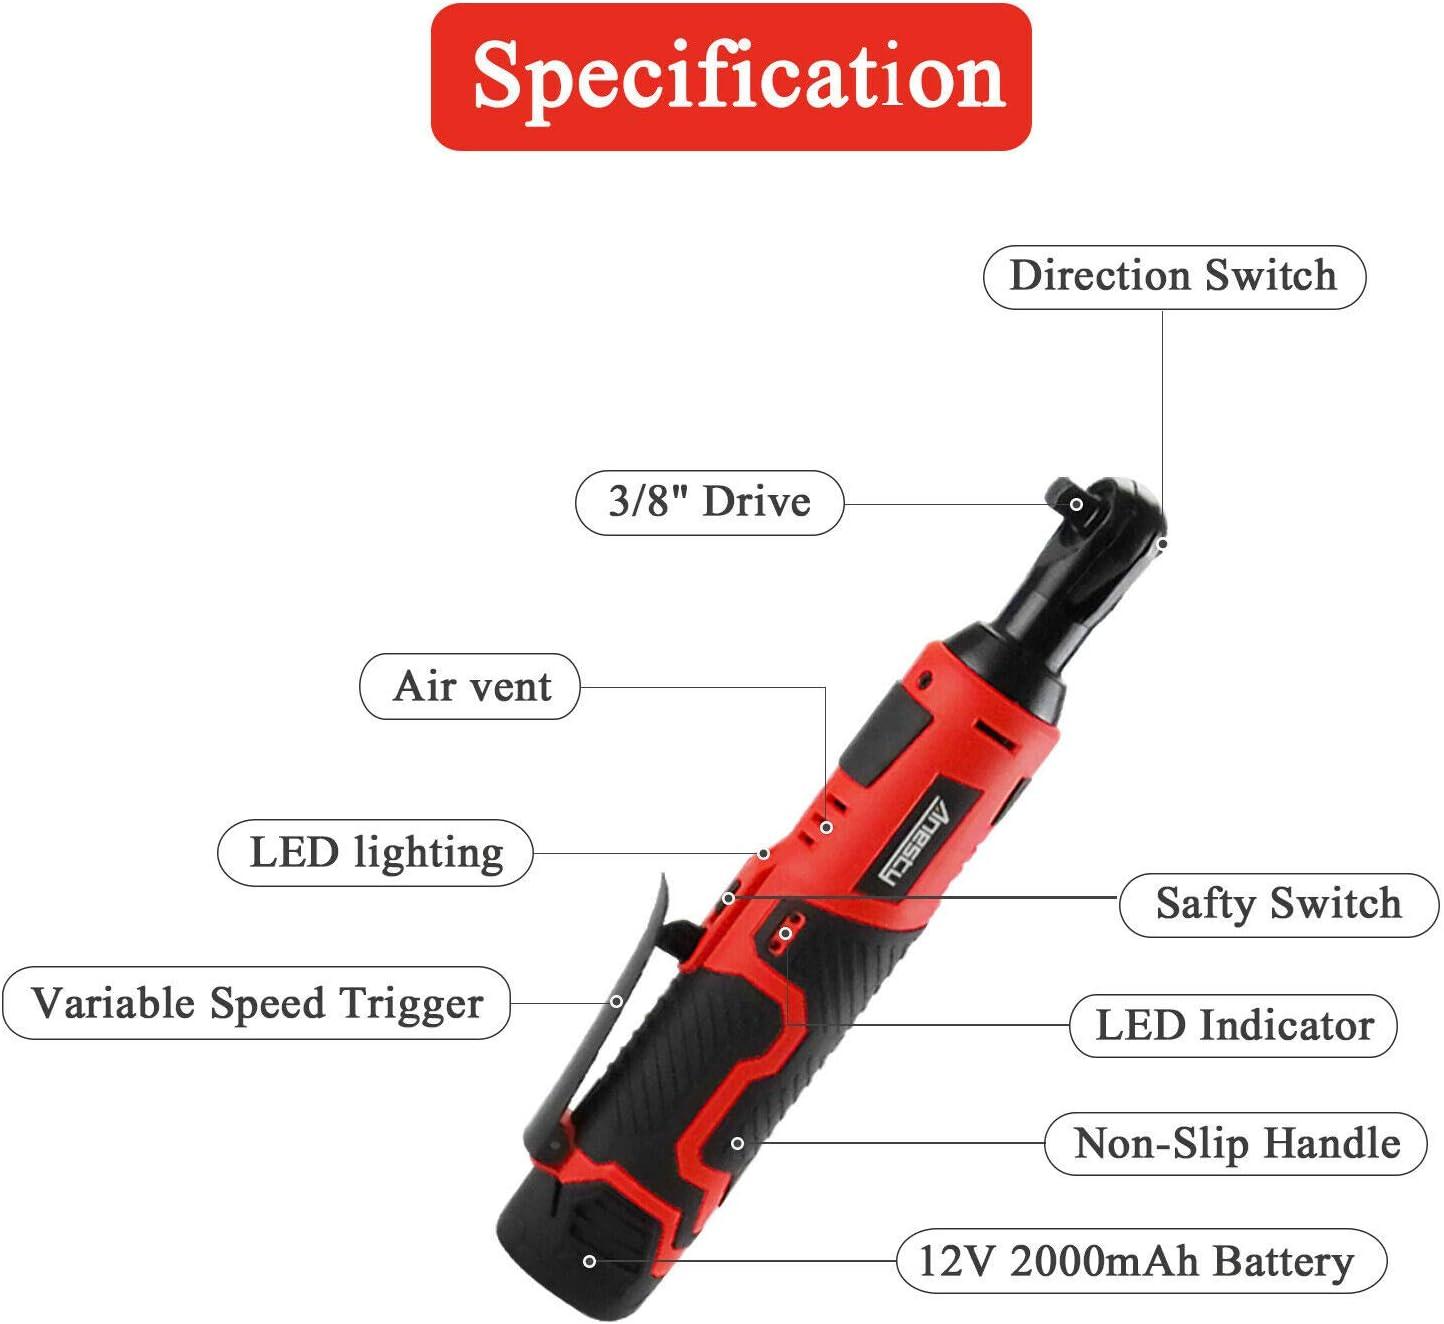 Anesty Akku Ratsche Ratschenschrauber 3 8 Vierkant Antrieb Umschaltknarre Ratschenschlüssel Mit Led Leuchte Variabler Drehzahleinstellung Baumarkt